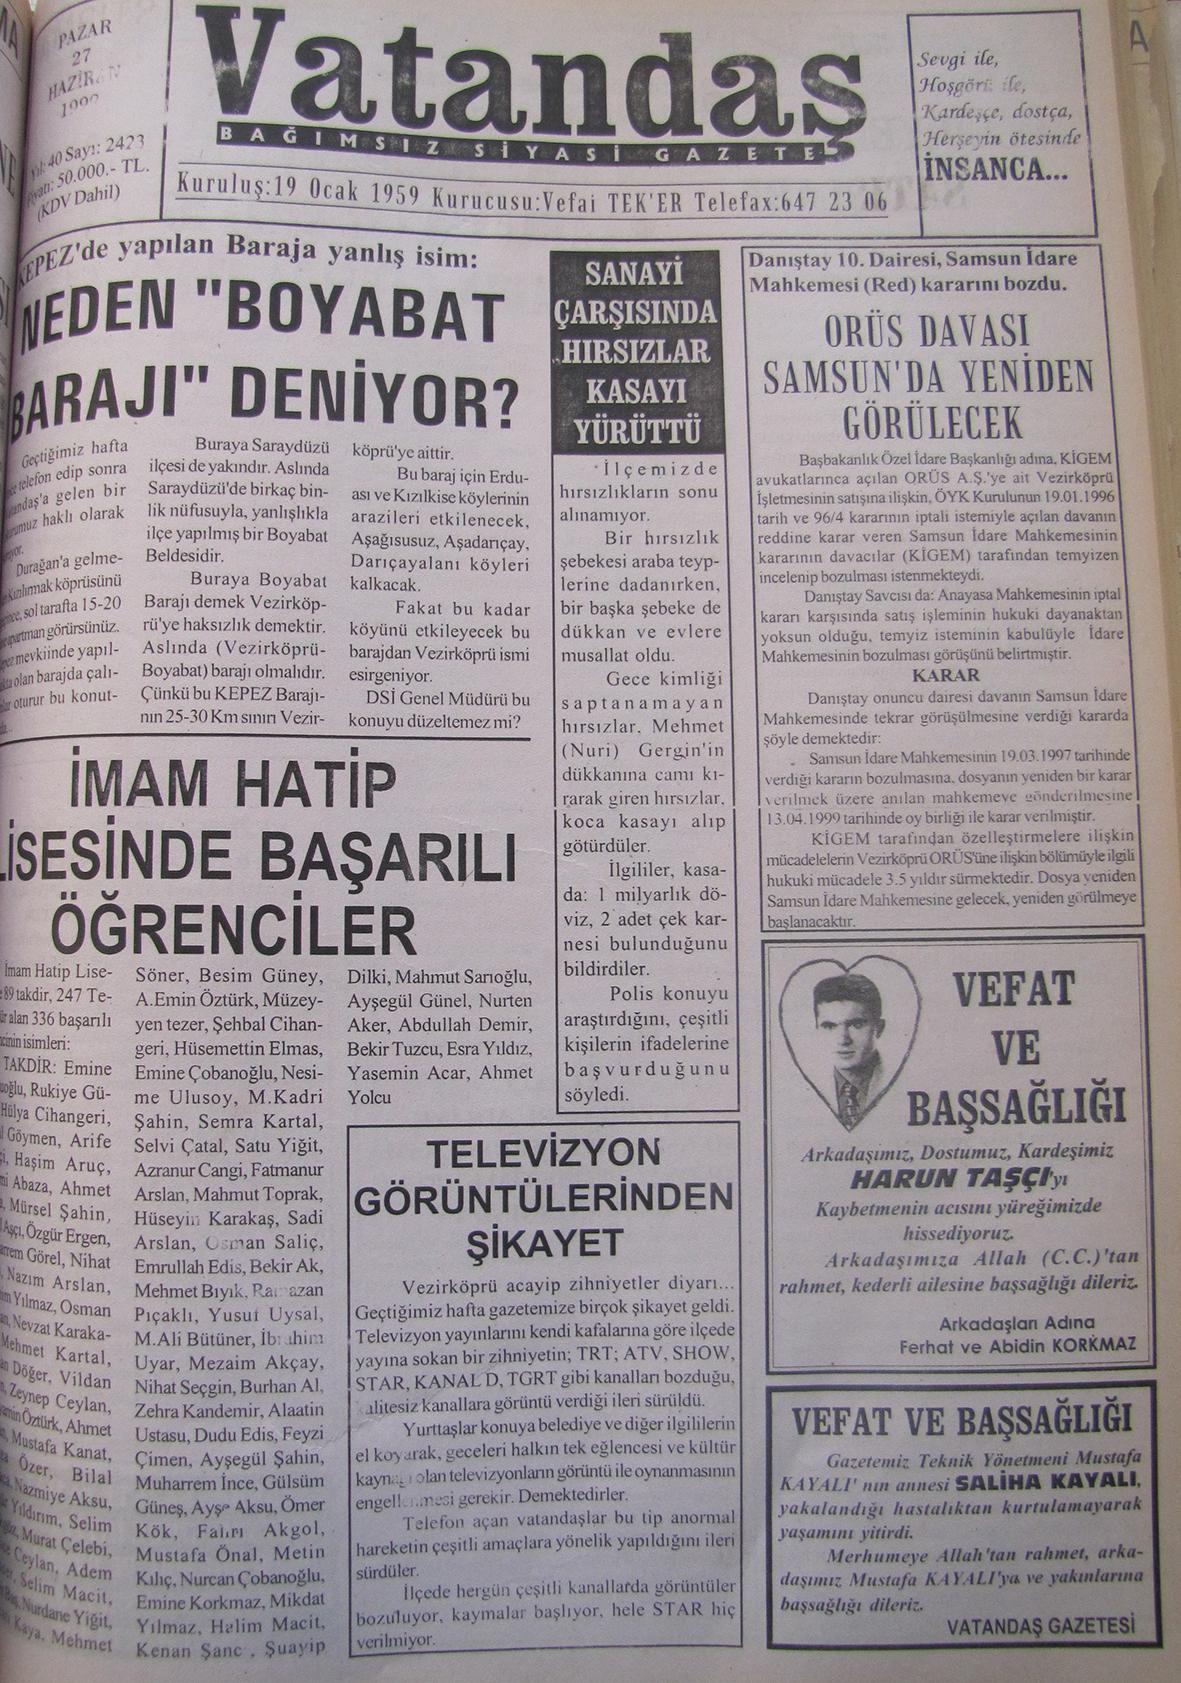 """KEPEZ'de yapılan Baraja yanlış isim: Neden """"Boyabat Barajı"""" Deniyor 27 Haziran 1999 Pazar"""